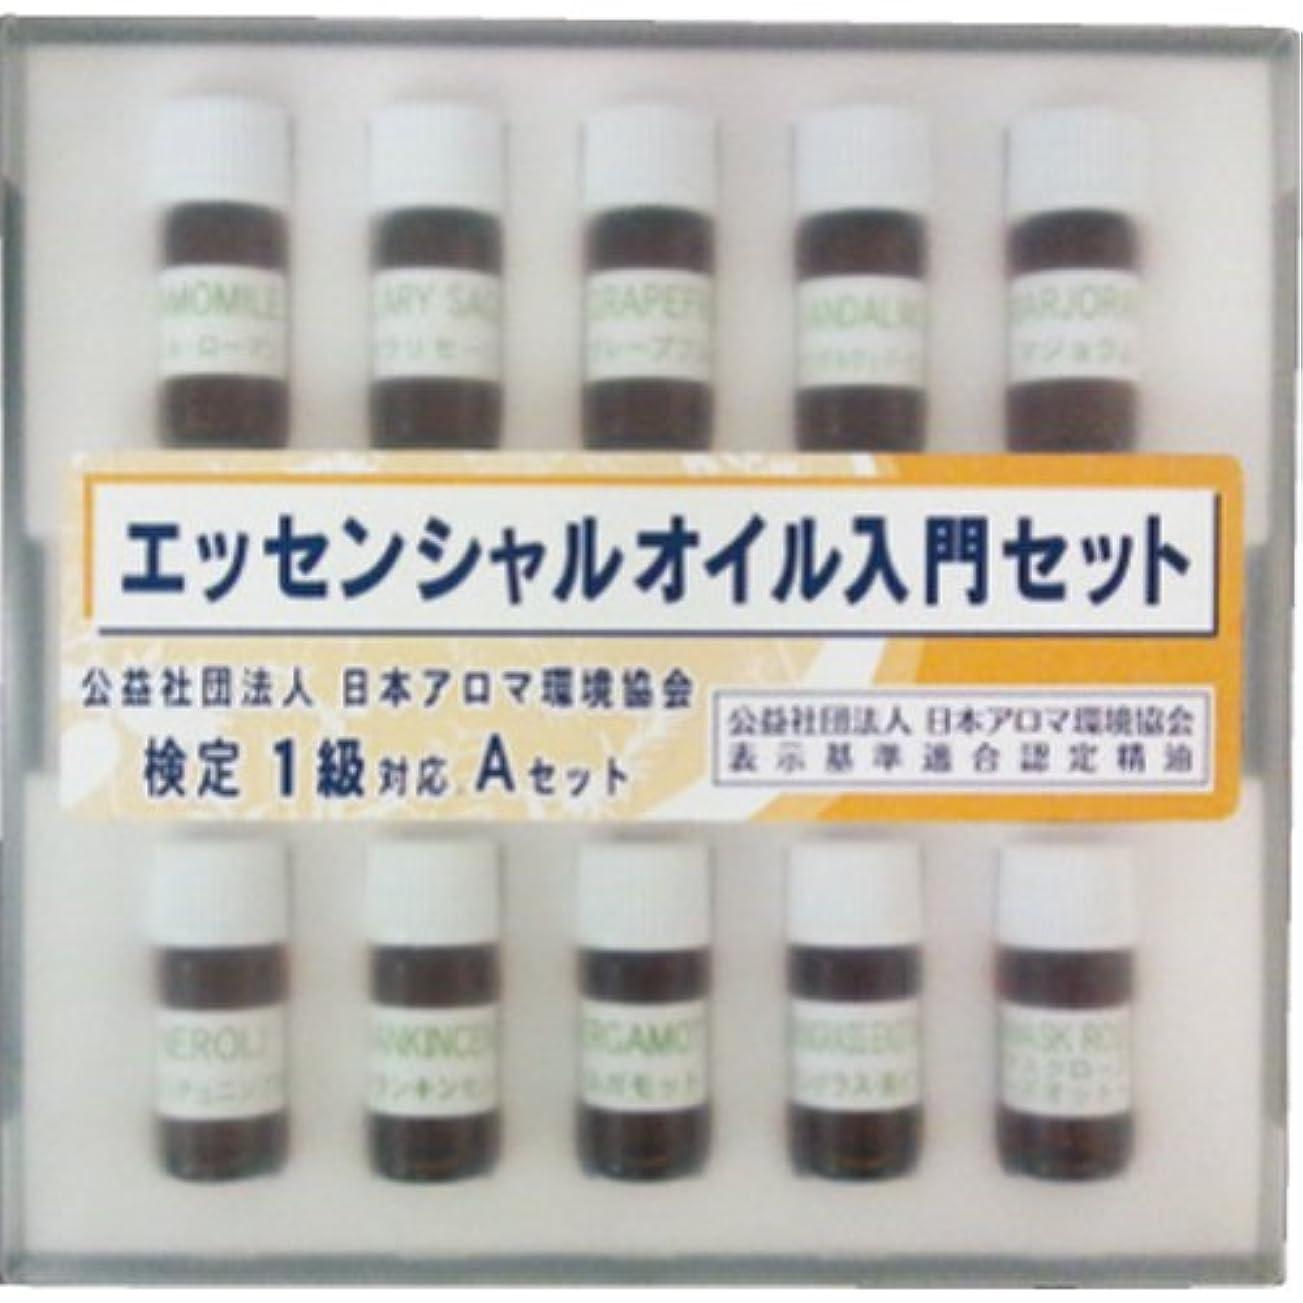 カテゴリー軍艦効果生活の木 (公社)日本アロマ環境協会資格試験対応セット 検定1級対応Aセット